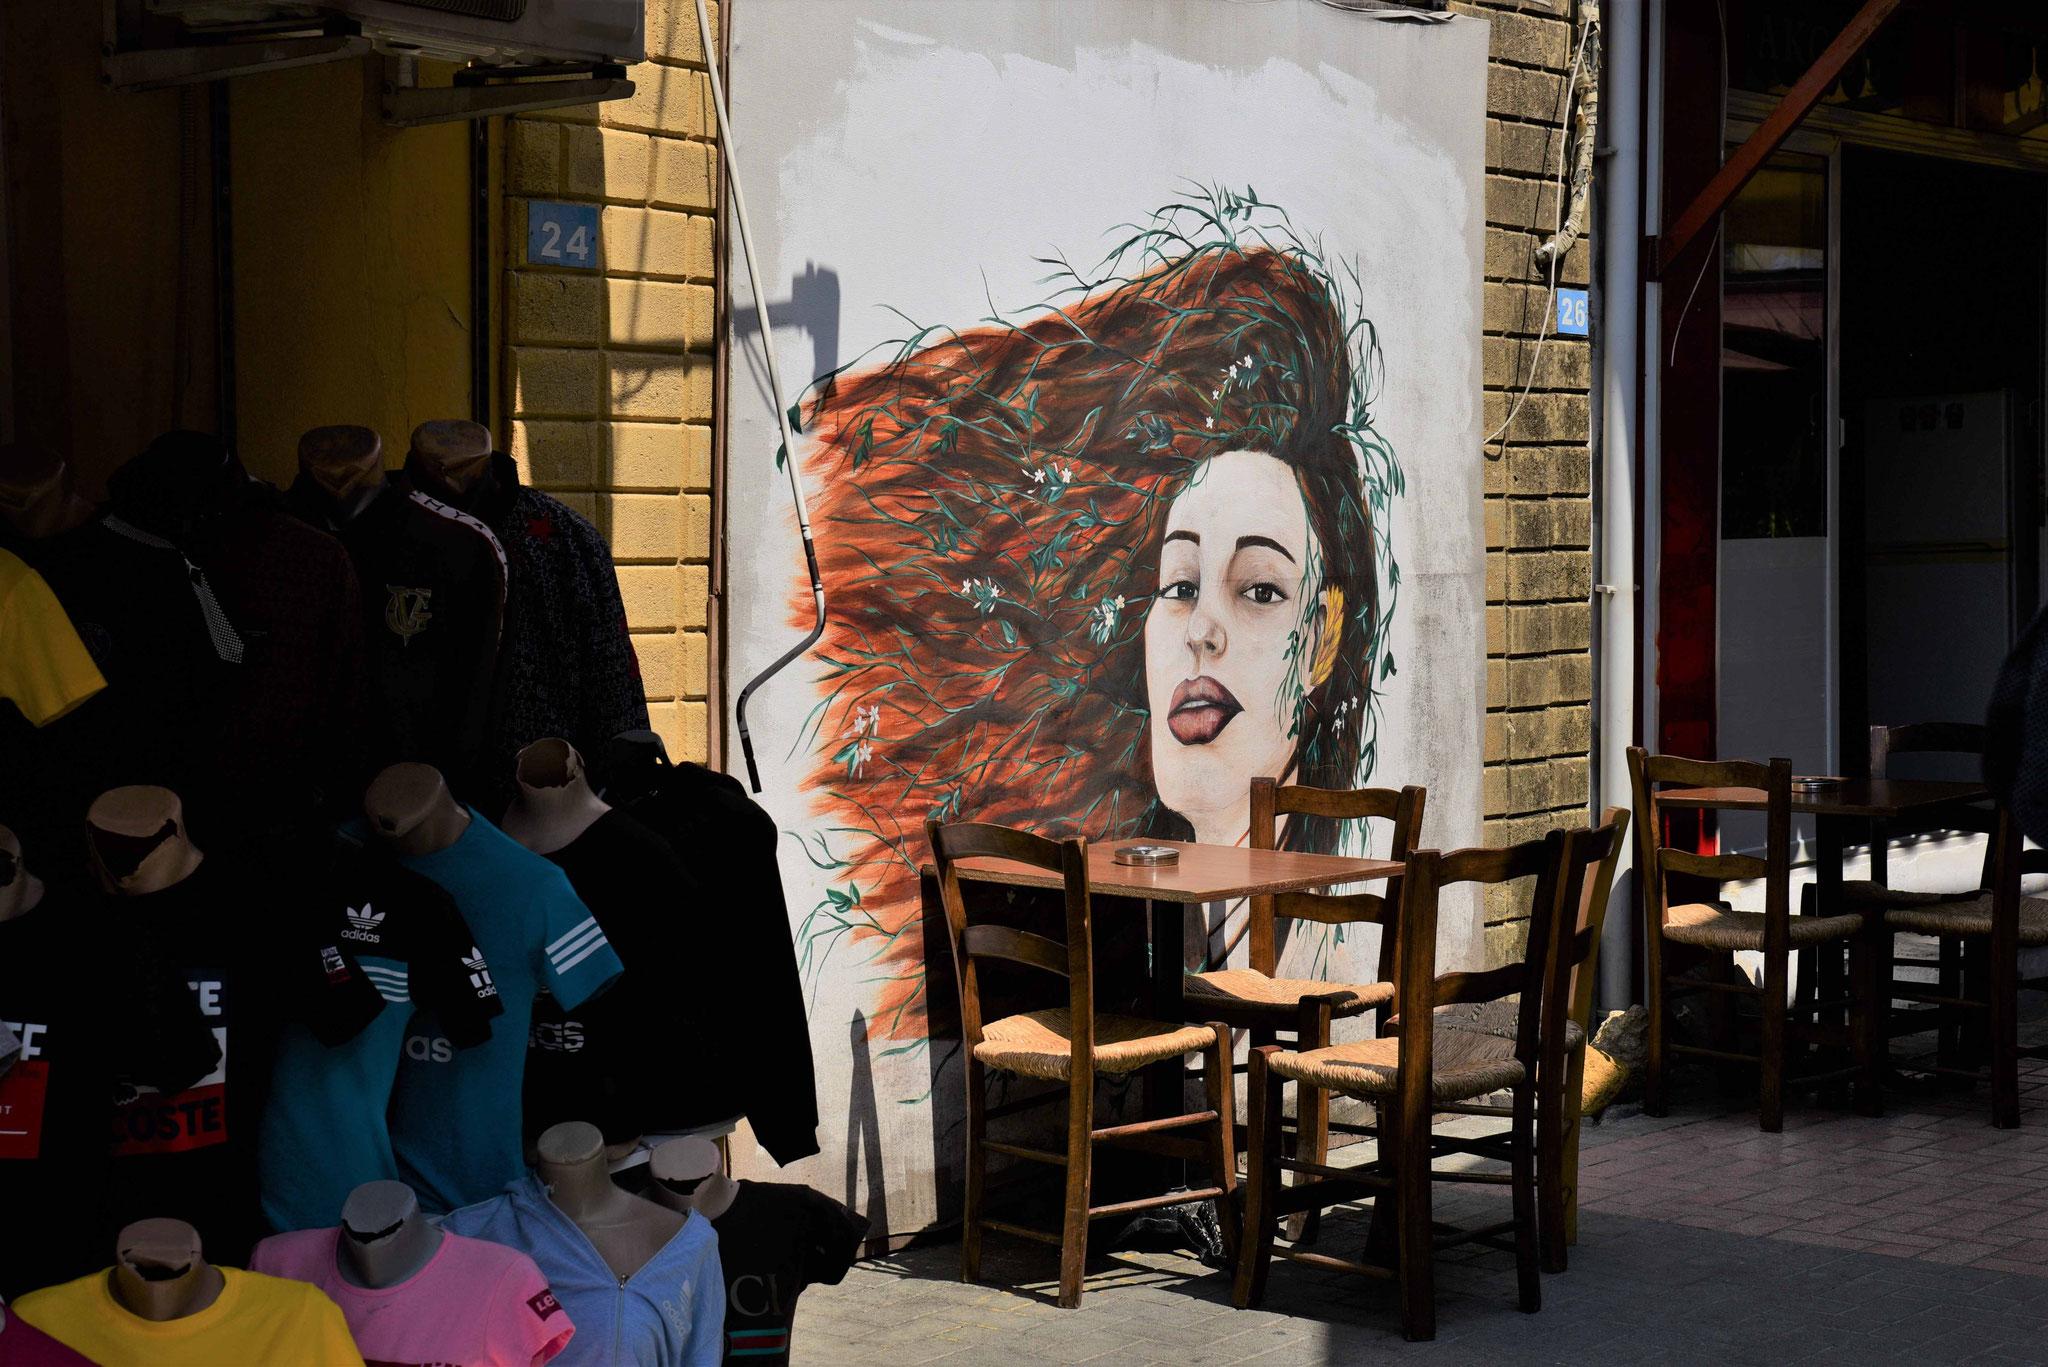 Auch im türkischen Teil gibt es Graffiti